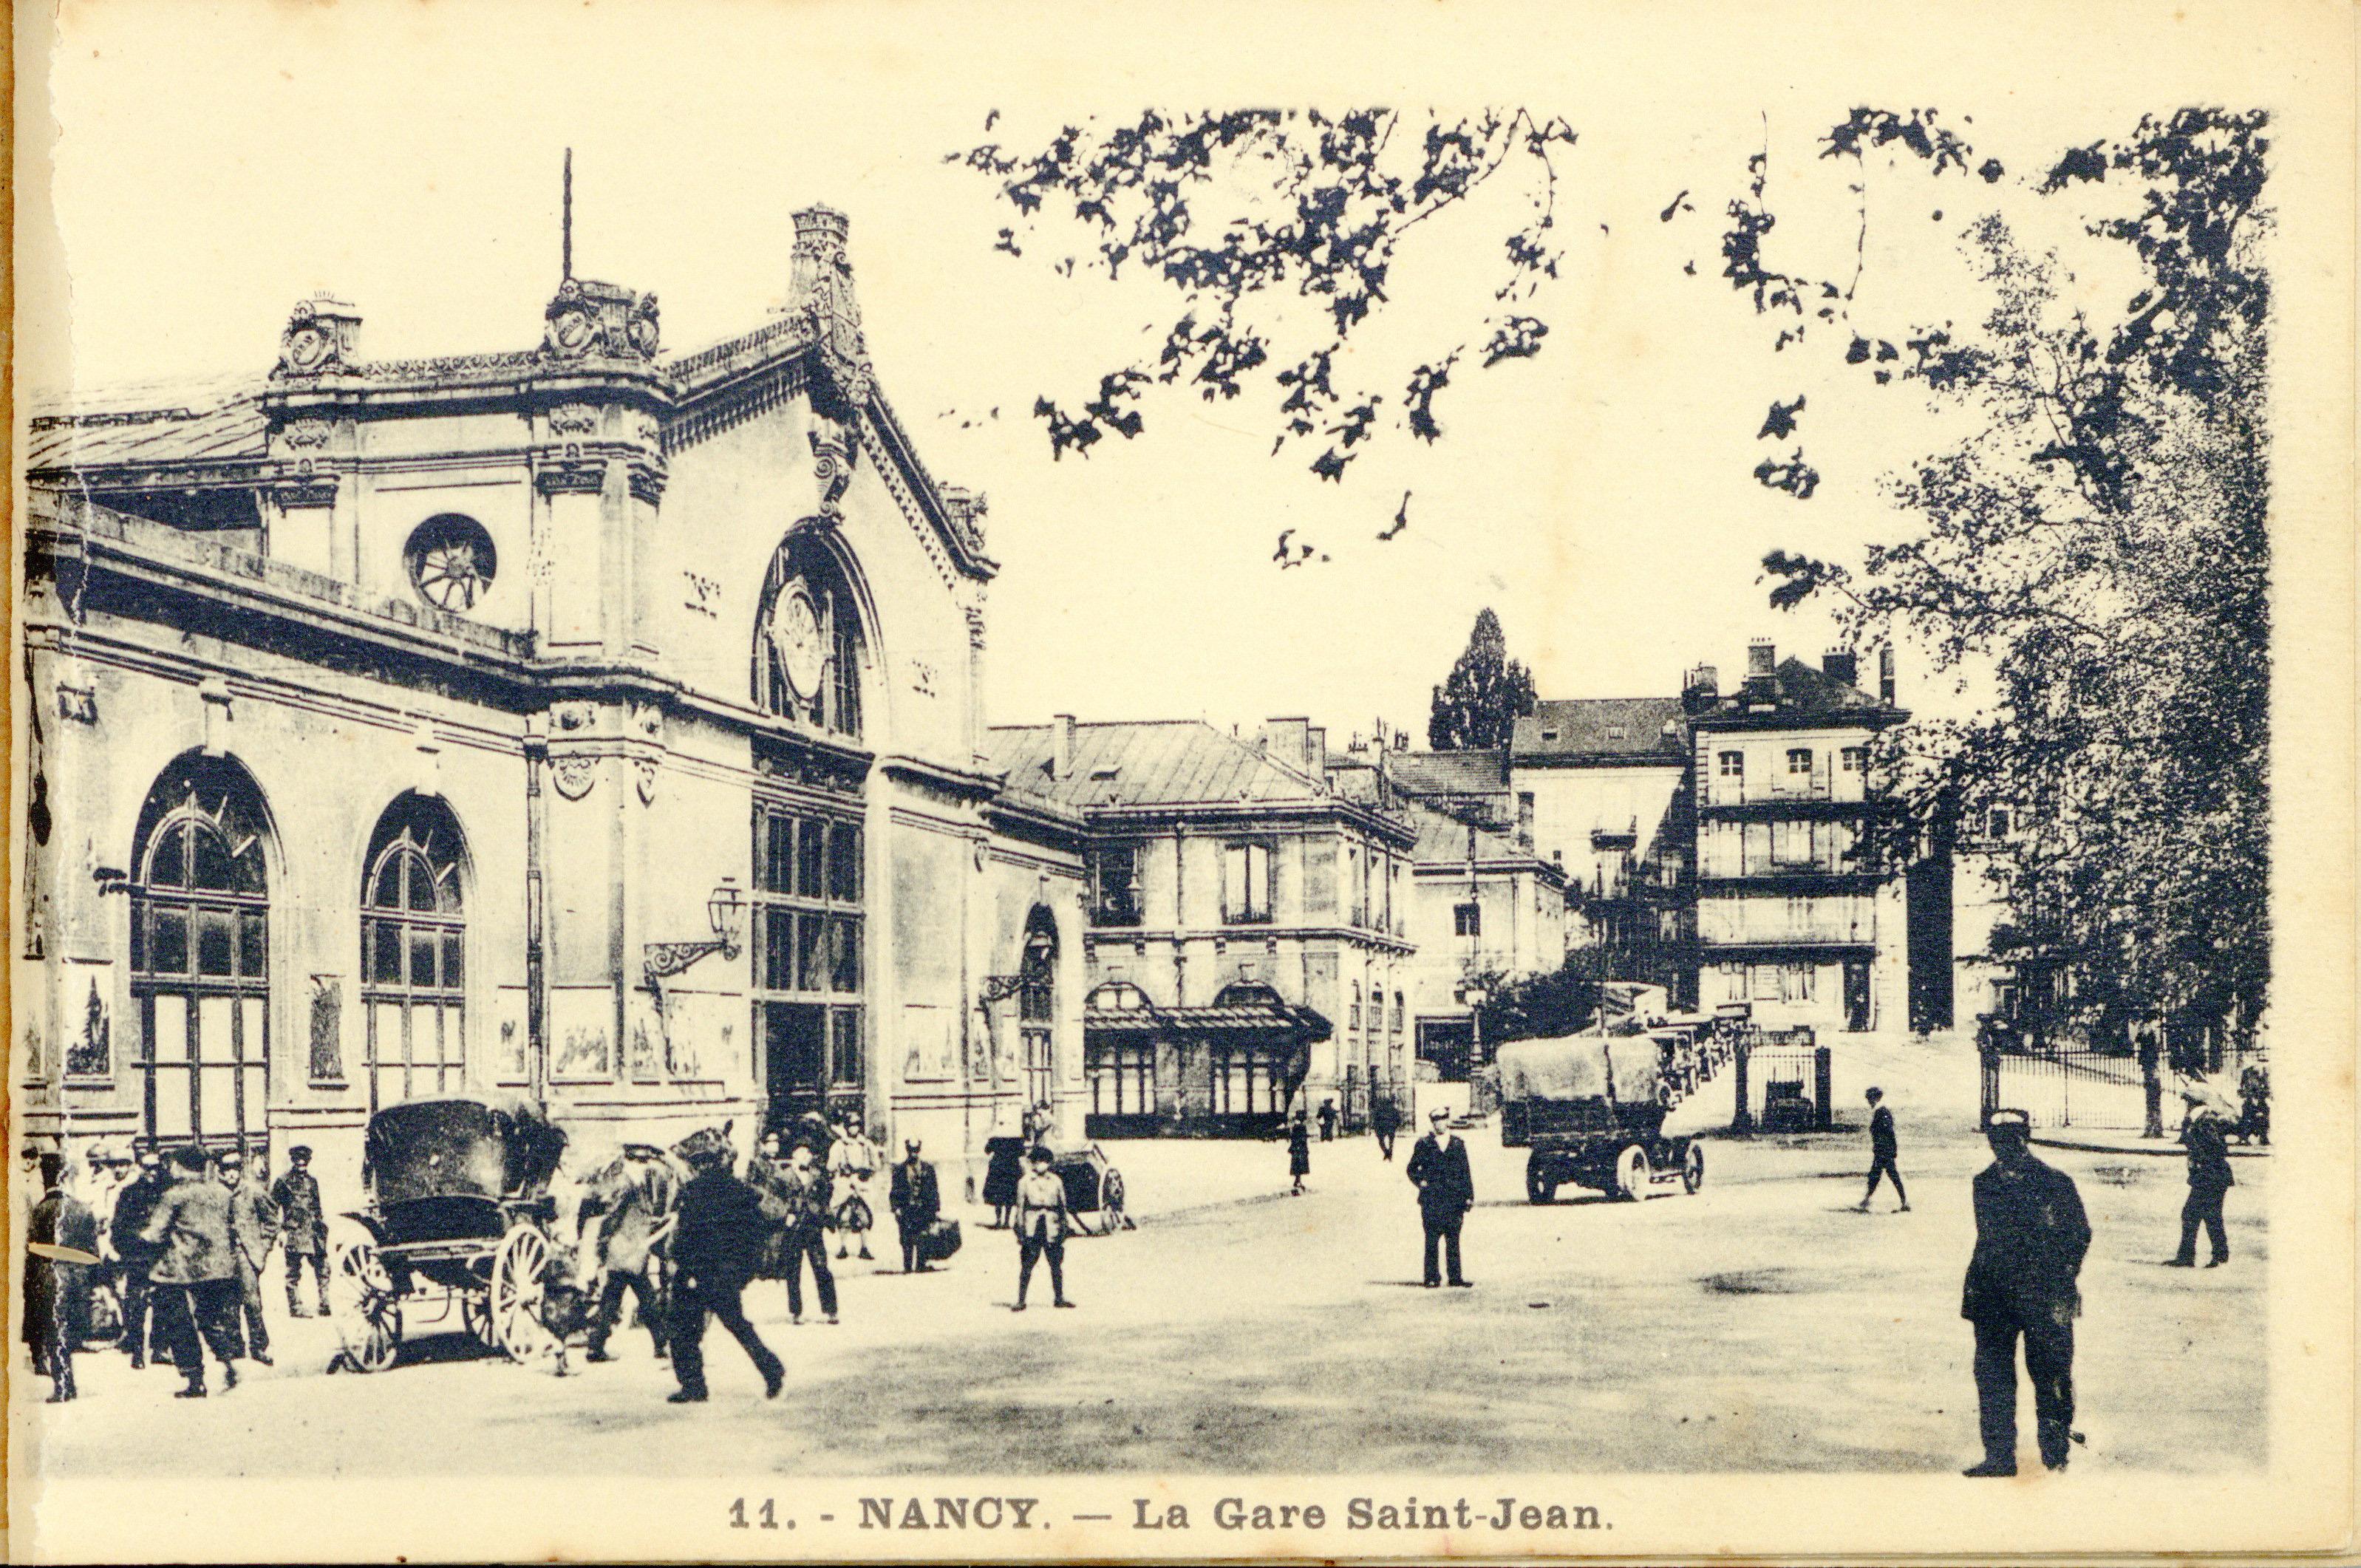 Contenu du Nancy. La Gare Saint-Jean